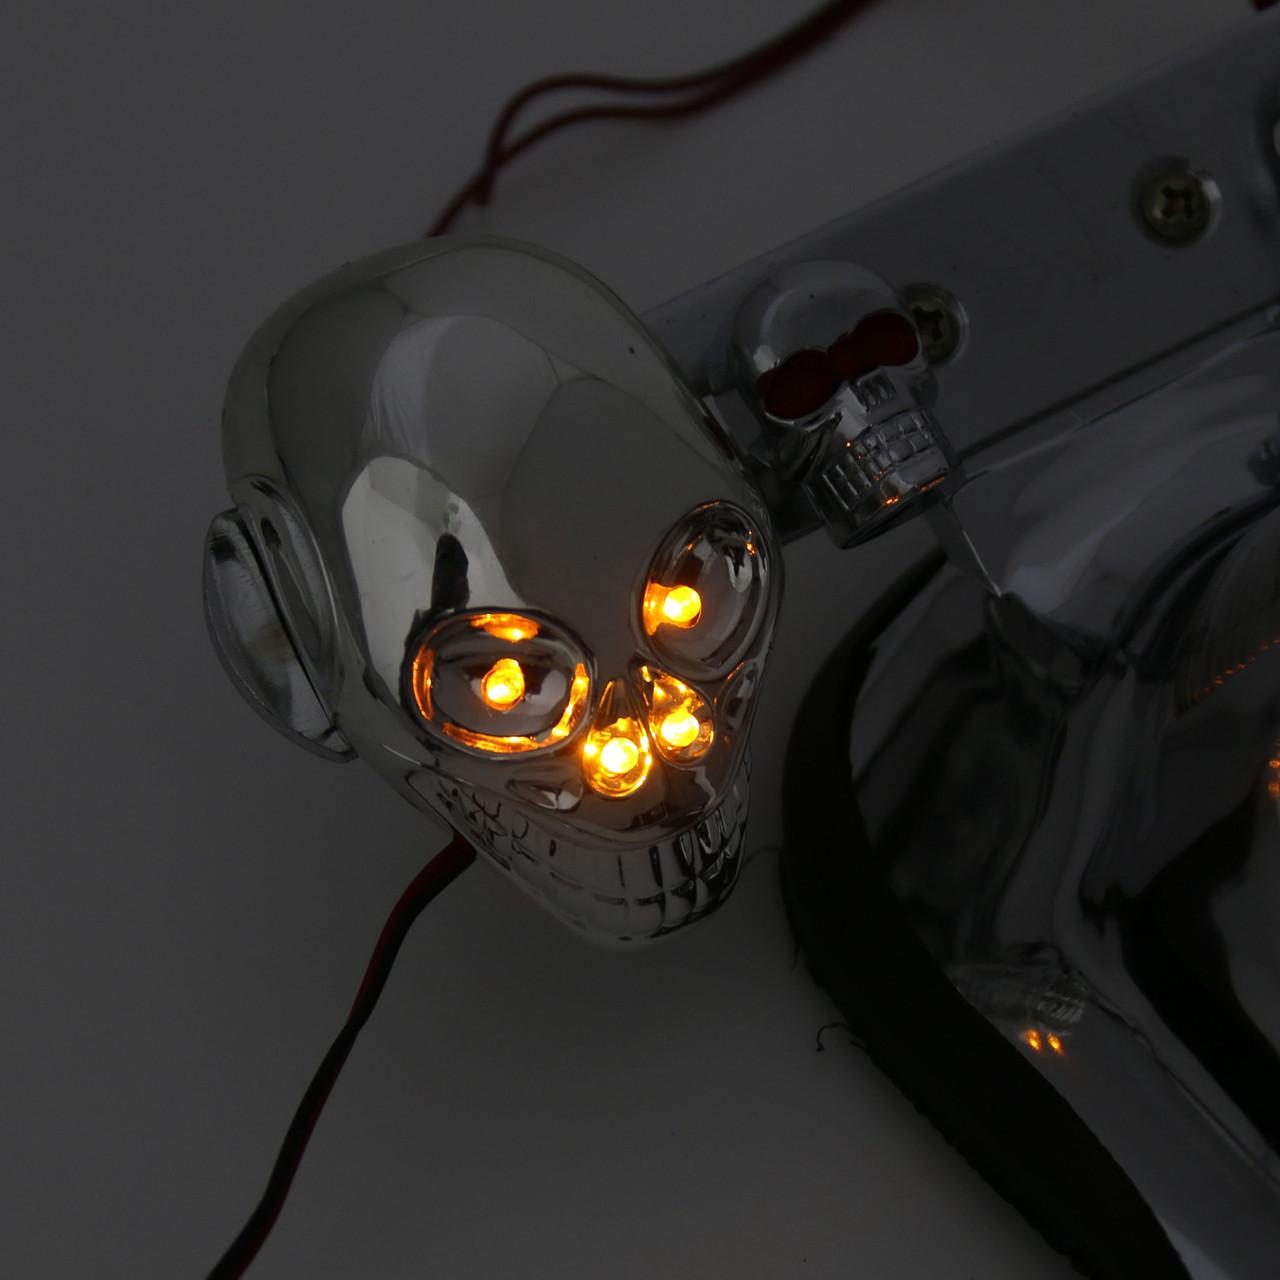 http://www.madhornets.store/AMZ/MotoPart/Taillight/TL-305/TL-305-Chrome-6.jpg